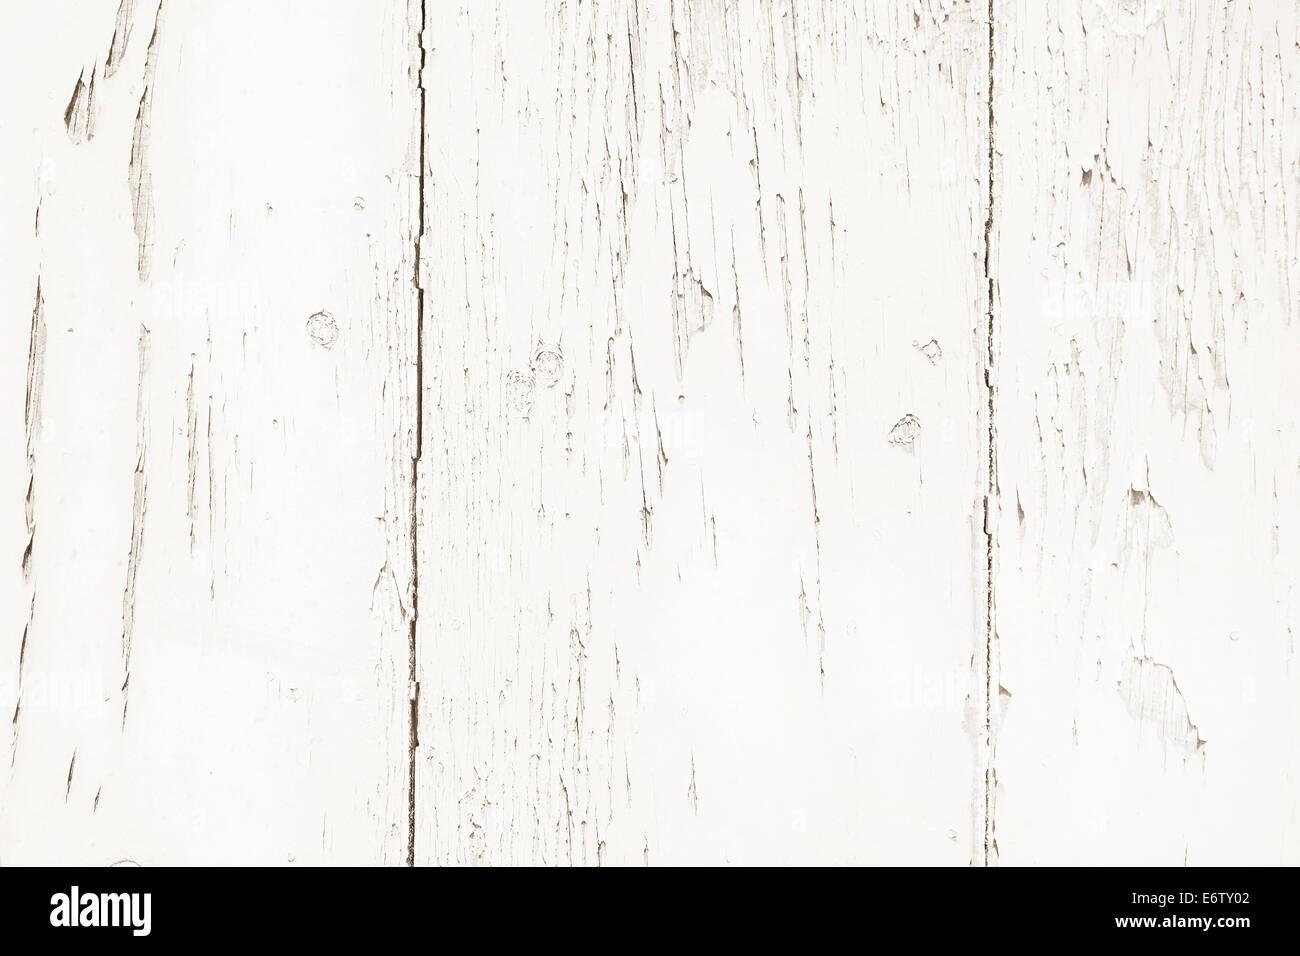 Shabby Chic Holz shabby chic: alte holz hintergrund in weißer farbe - gemustert und